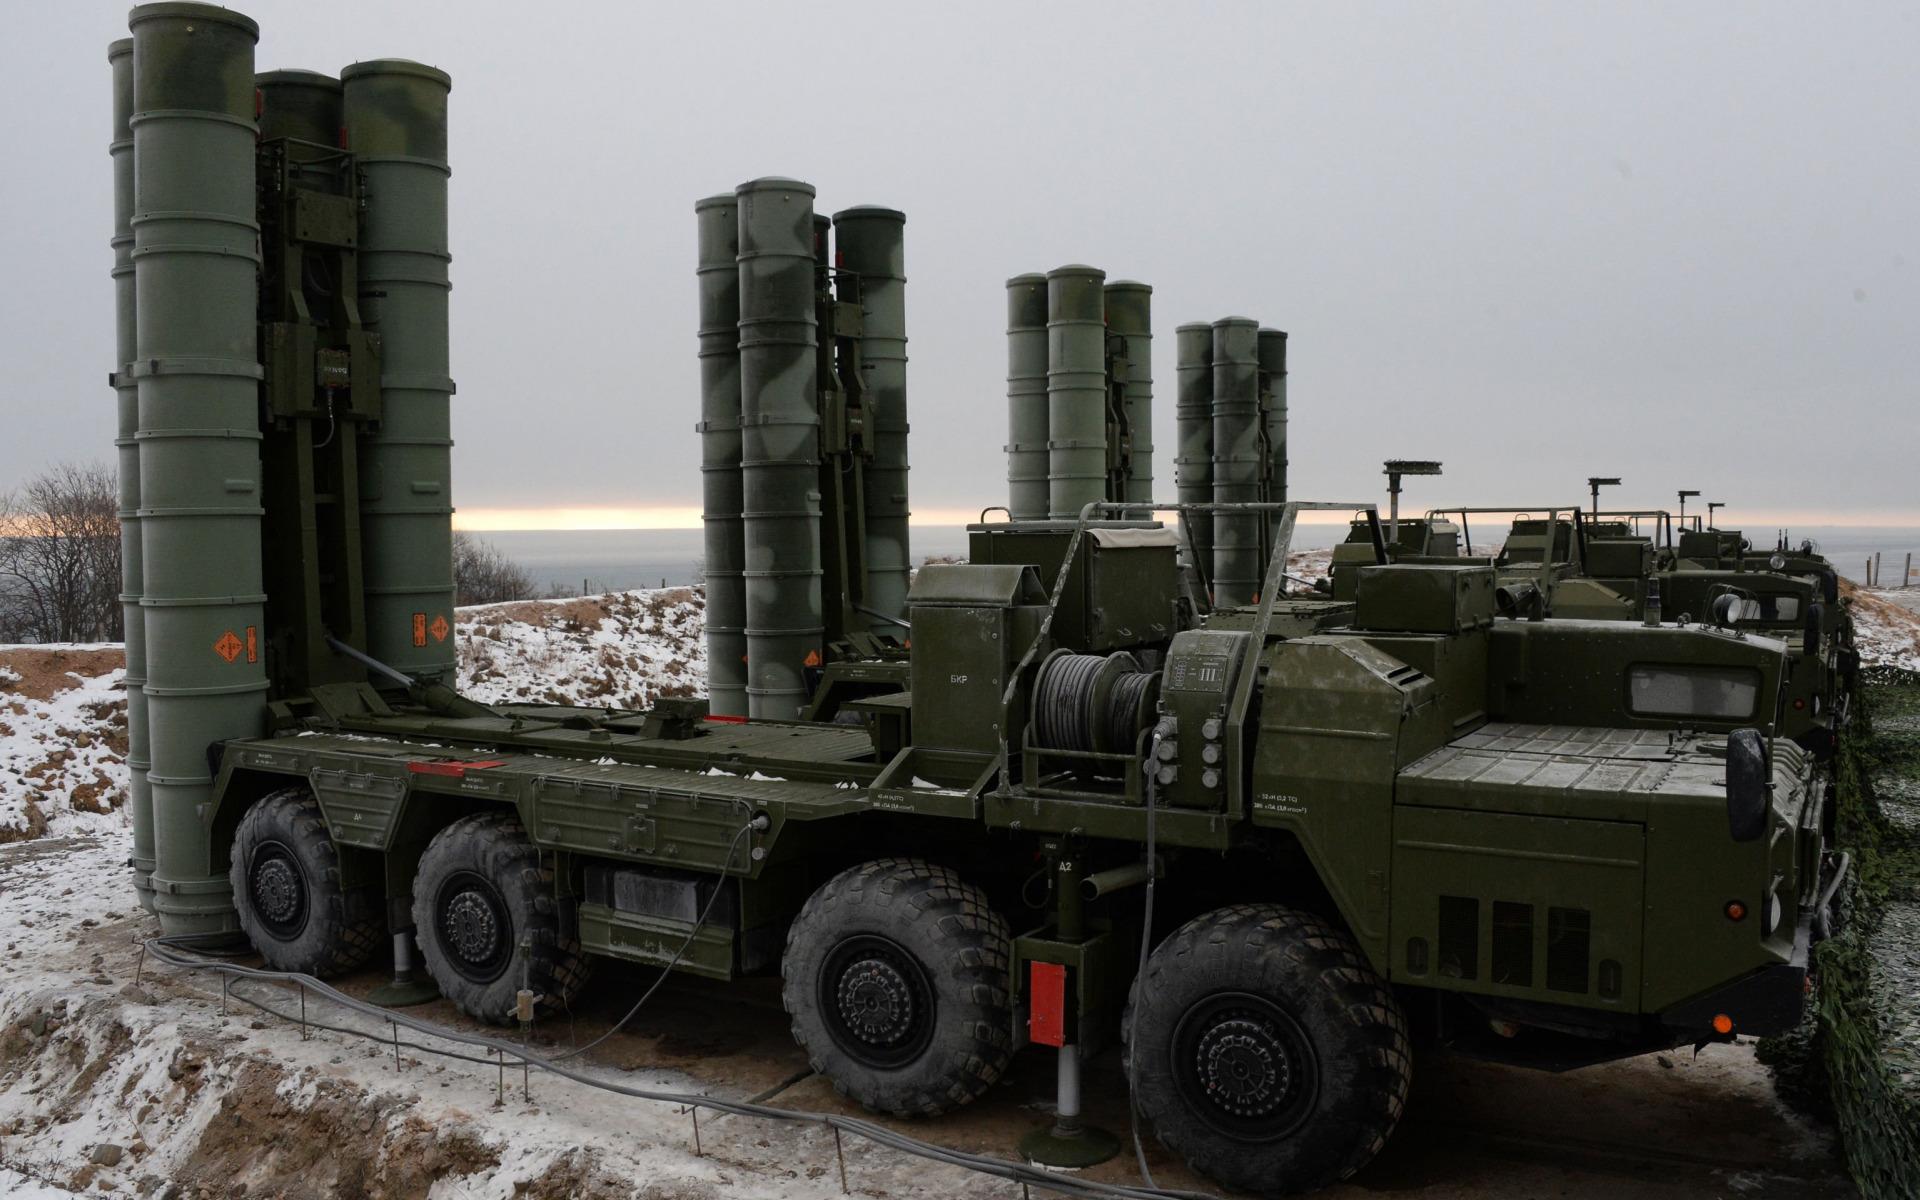 Аналитики раскрыли, как Россия «провела» американцев и японцев с С-400